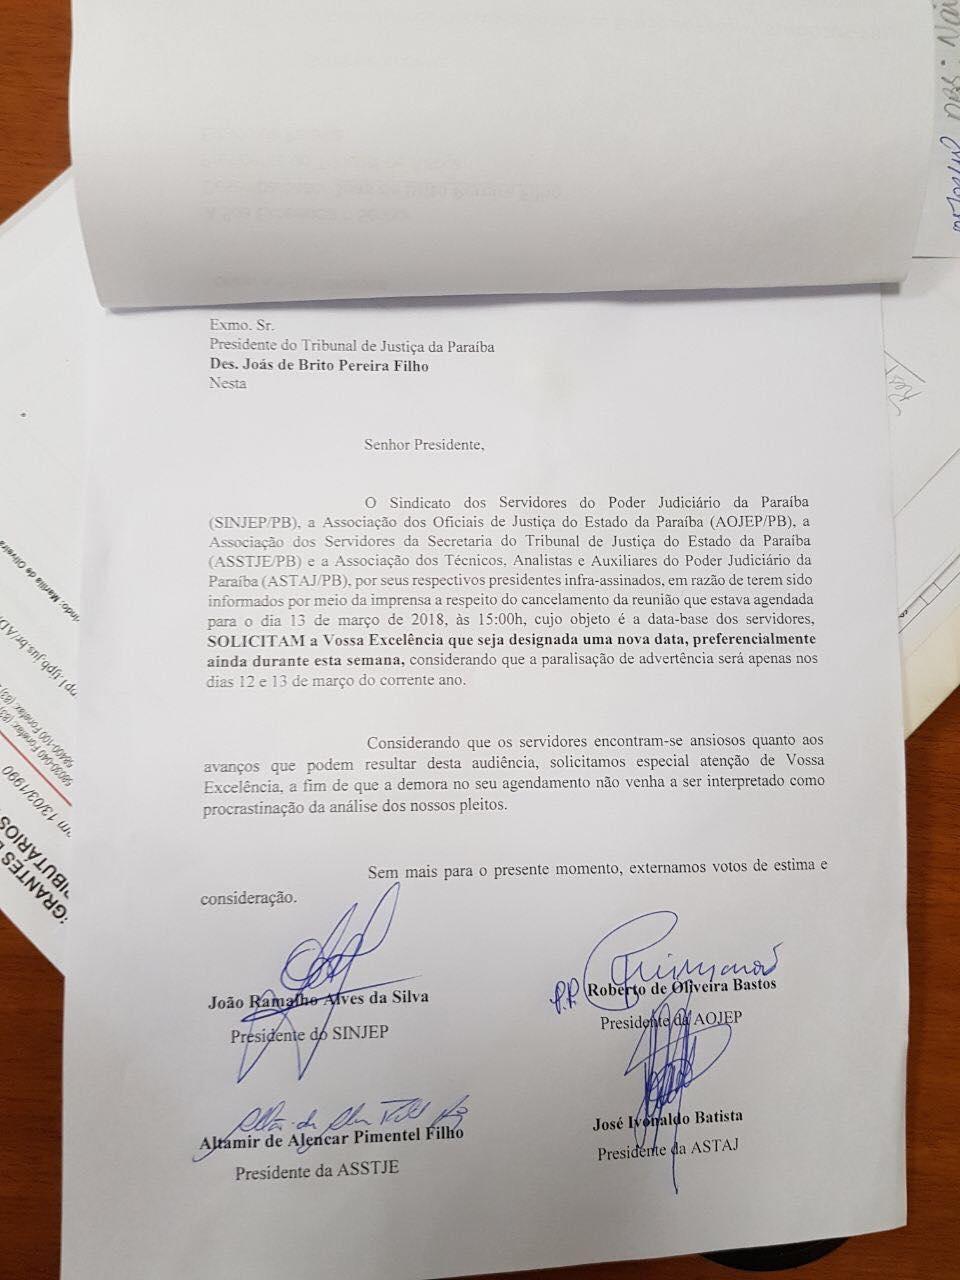 29186905 1754165274639631 5103619808595804160 o - NO MEIO DA PARALISAÇÃO: Presidente do TJ desmarca reunião com representantes de servidores